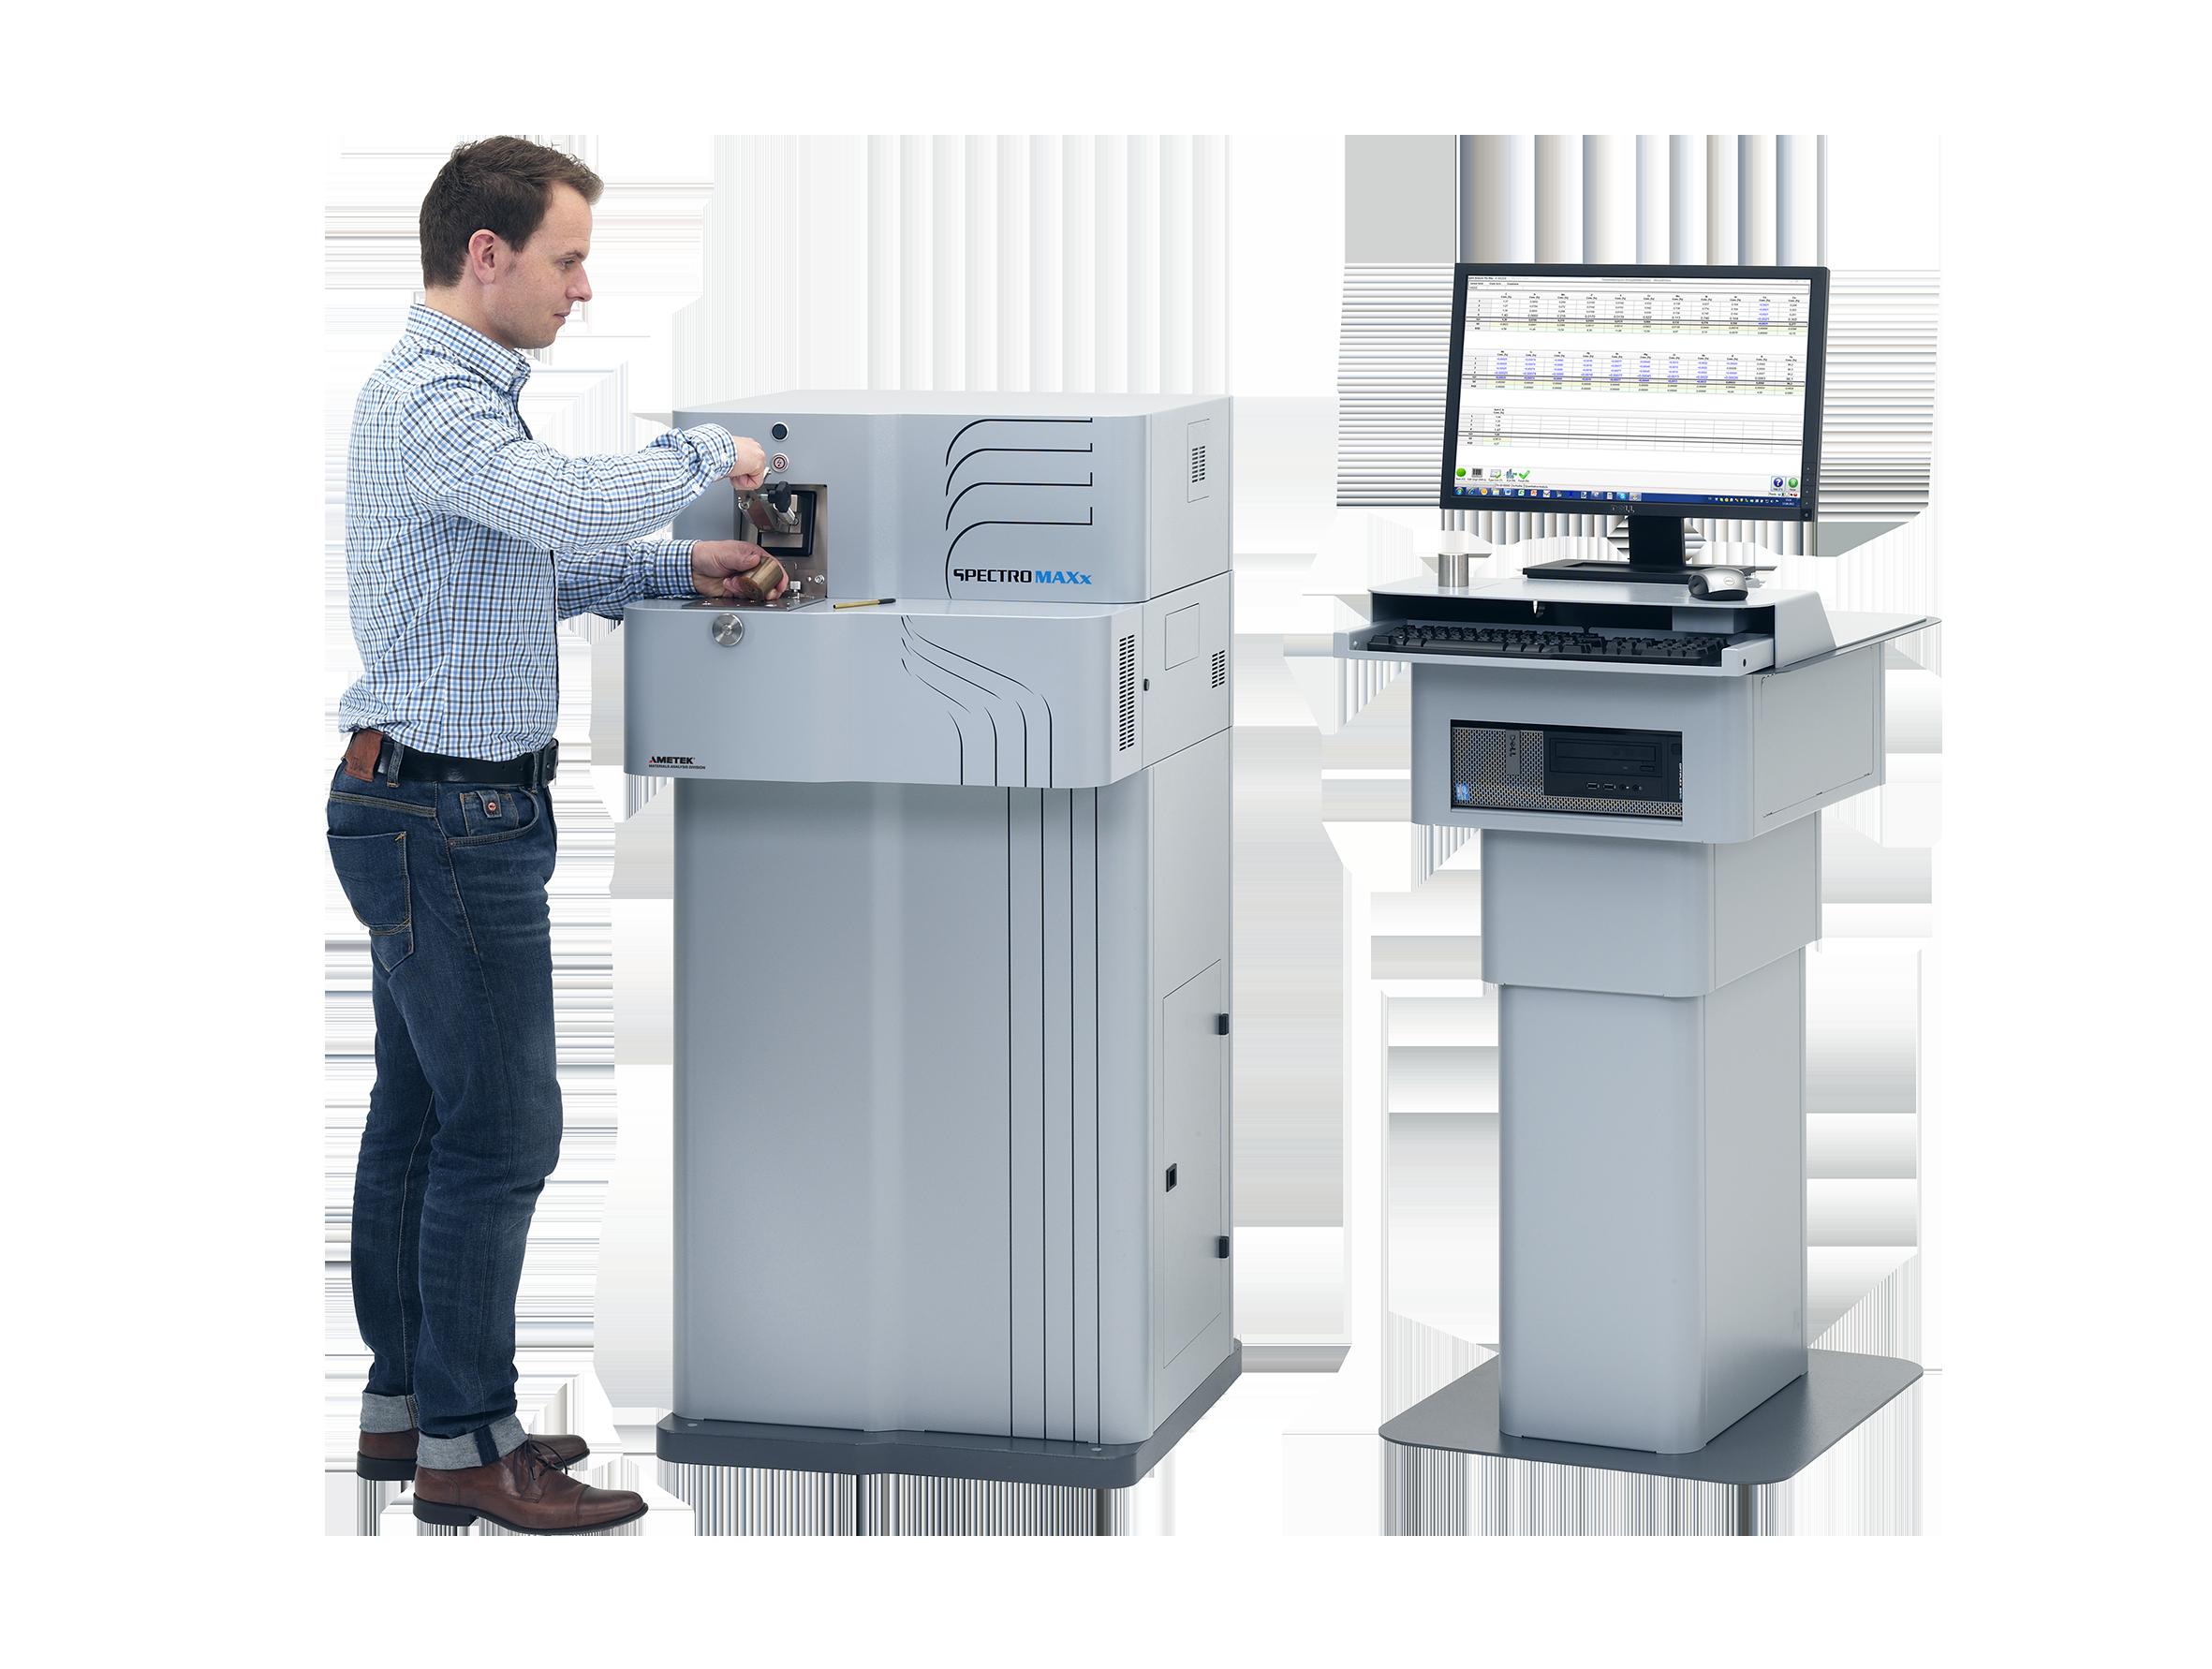 Fig 2: Stationary metal analyzer SPECTROMAXx (SPECTRO Analytical Instruments)